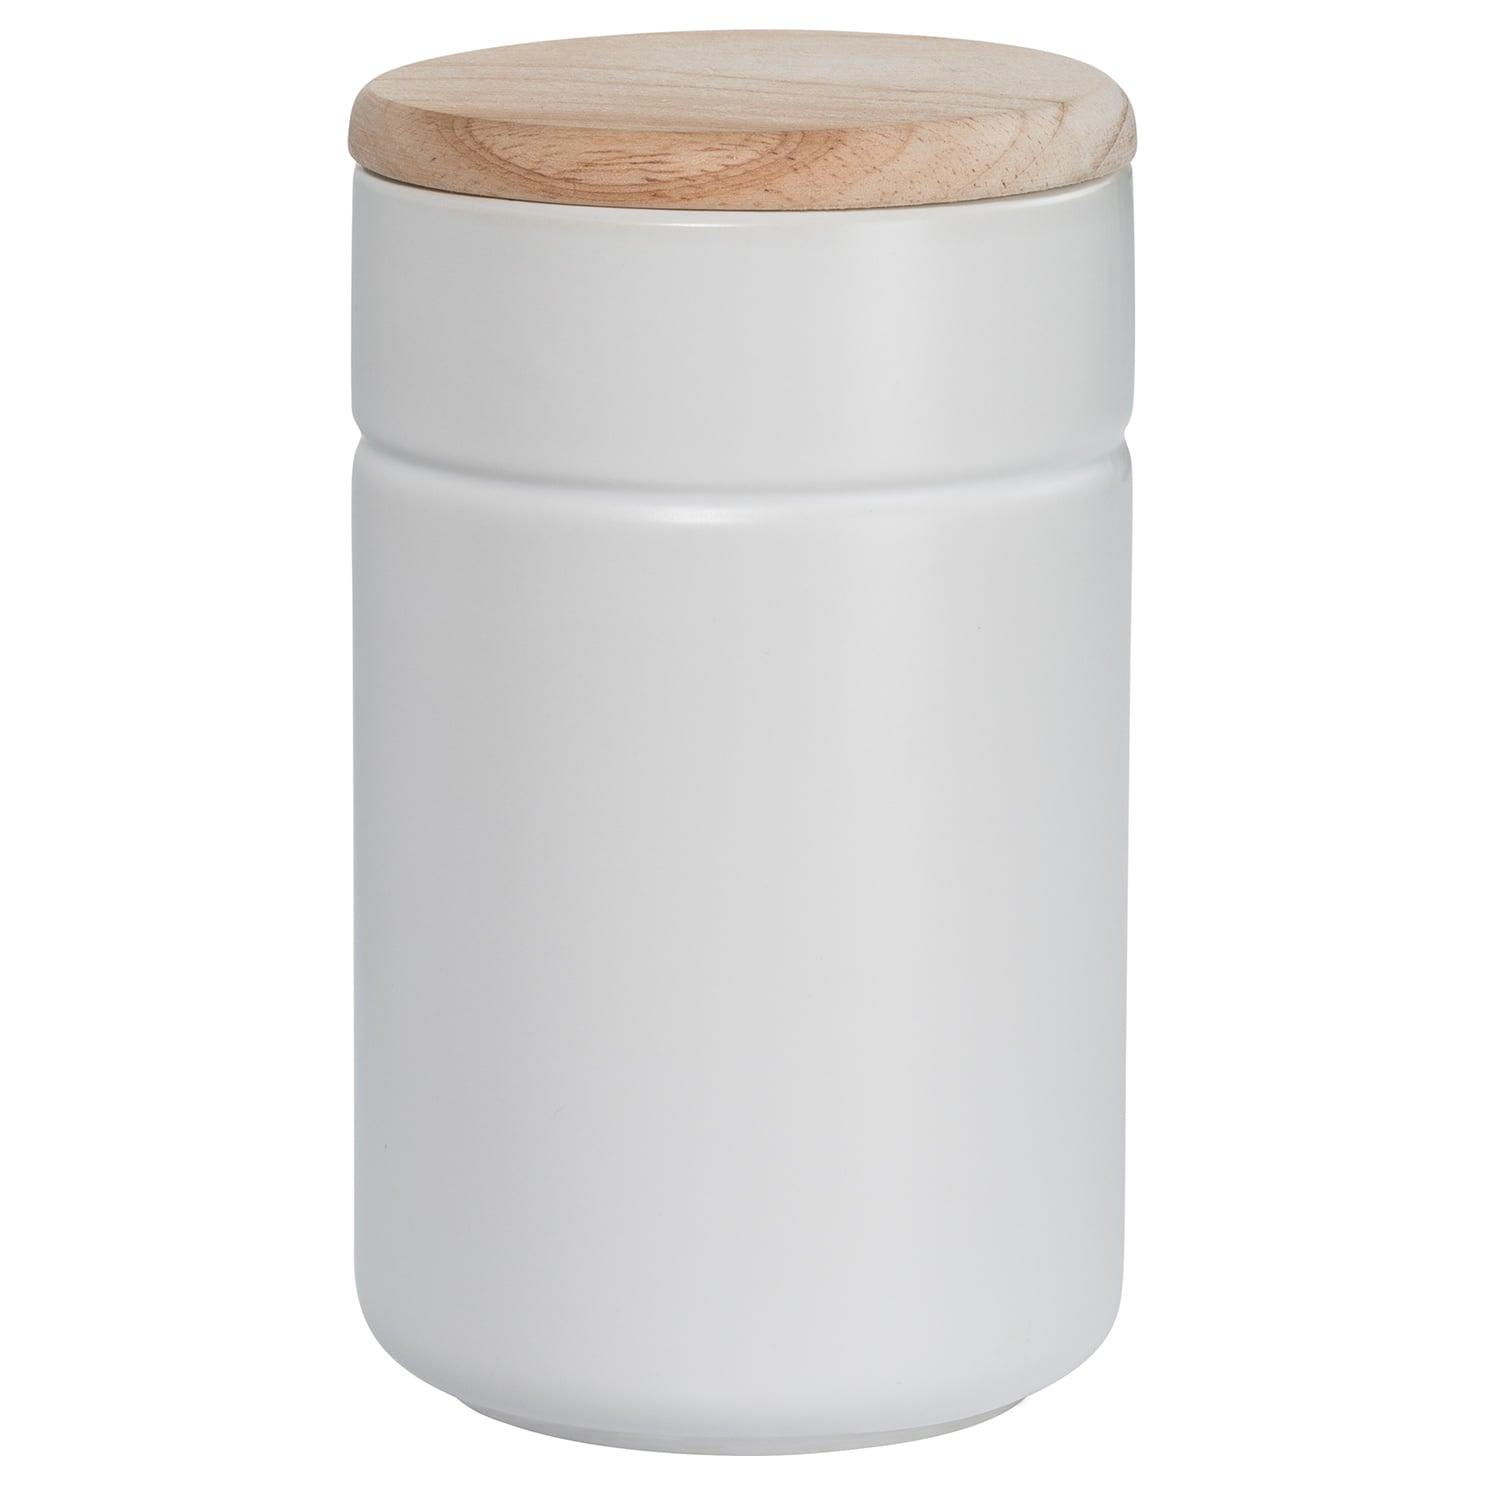 Maxwell & Williams Voorraadpot Tint Wit 0.9 Liter